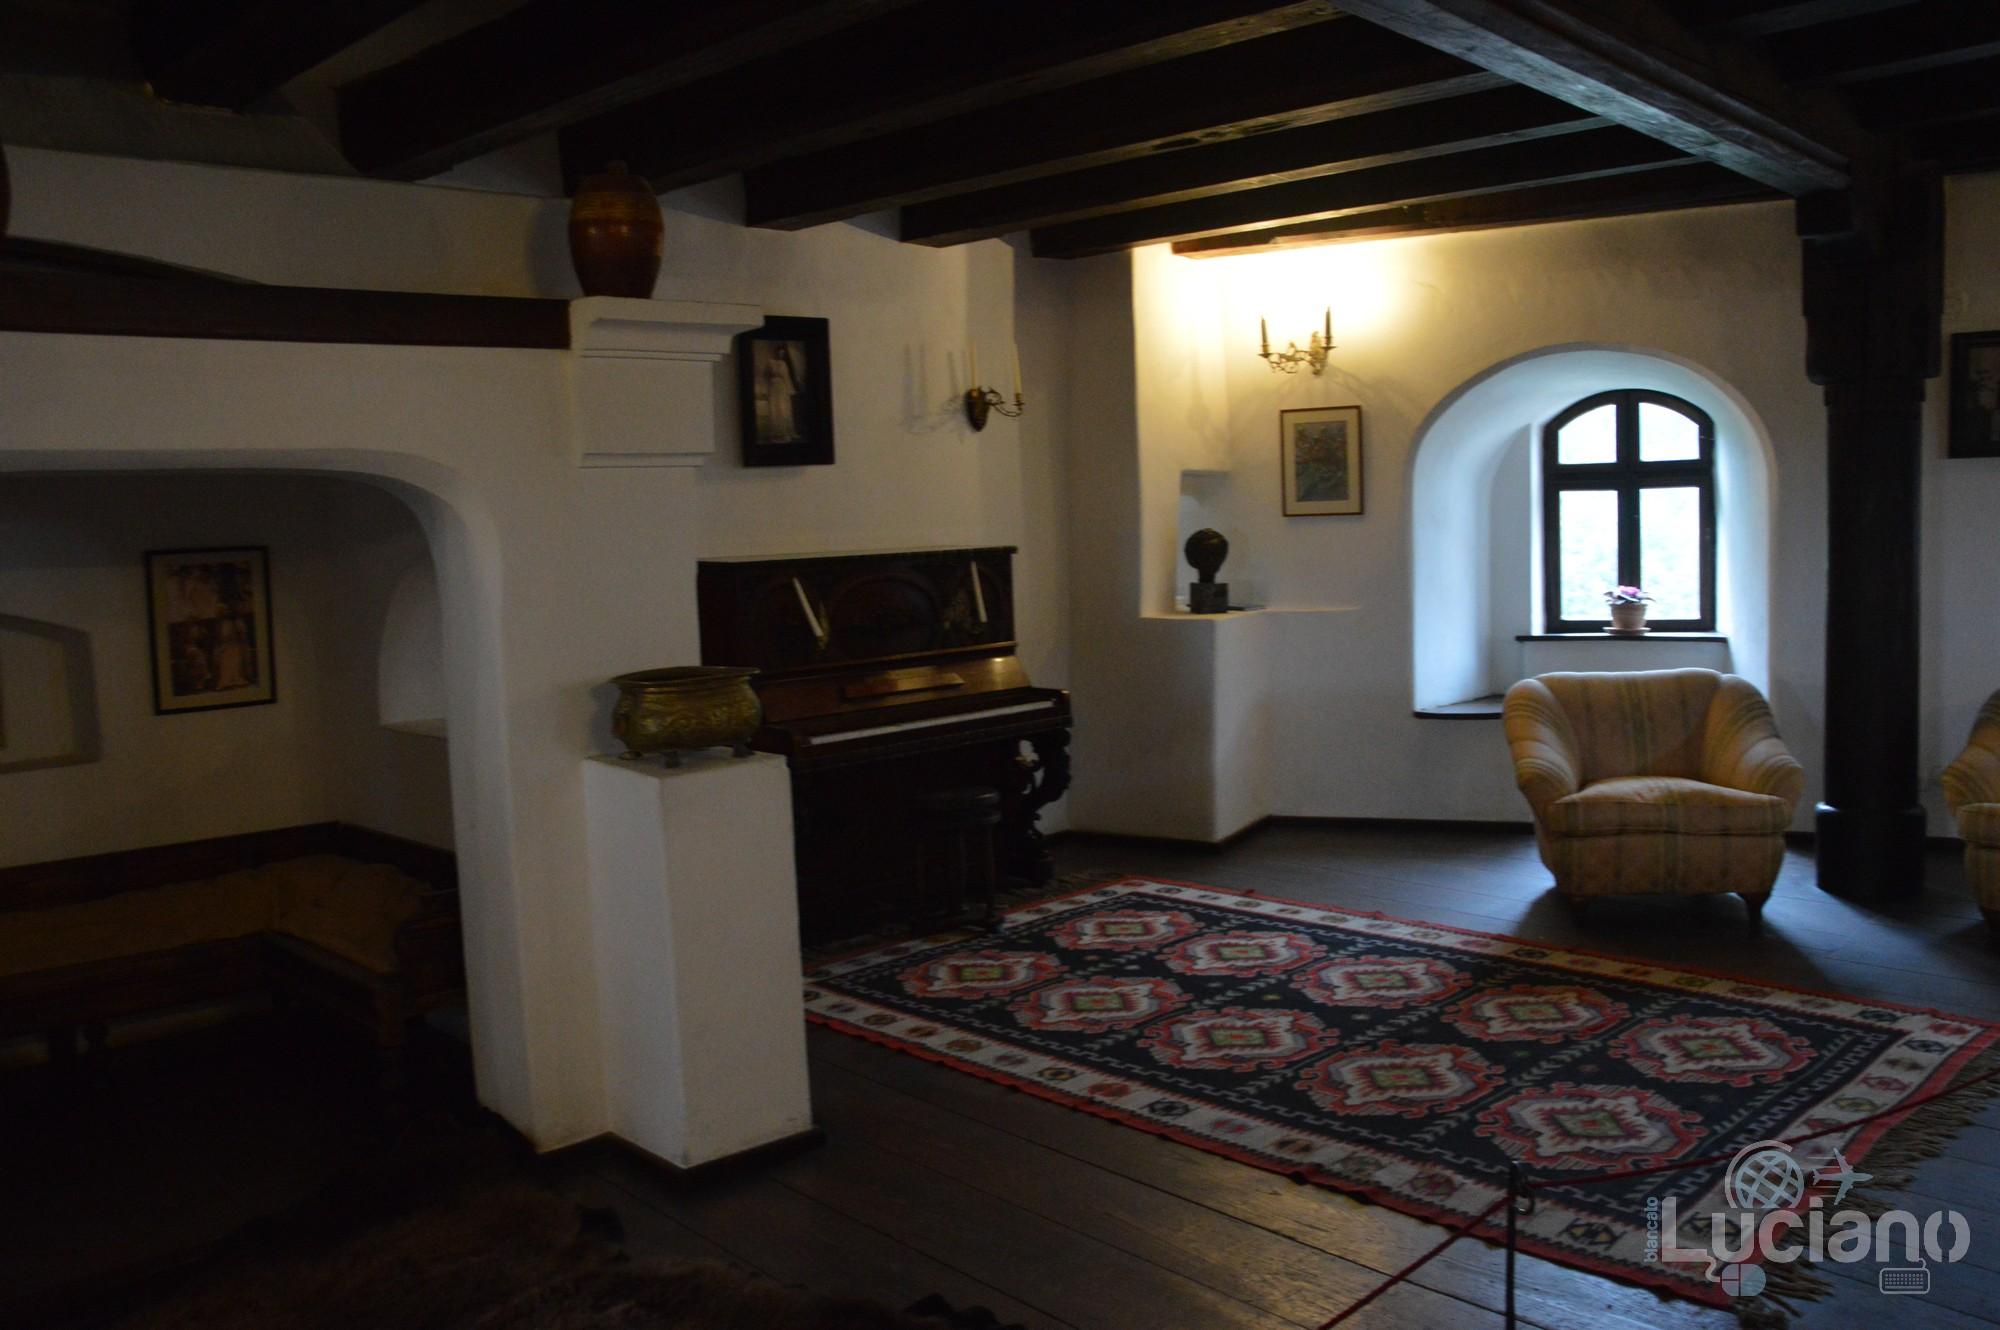 castello-di-dracula-castello-di-bran-luciano-blancato (56)